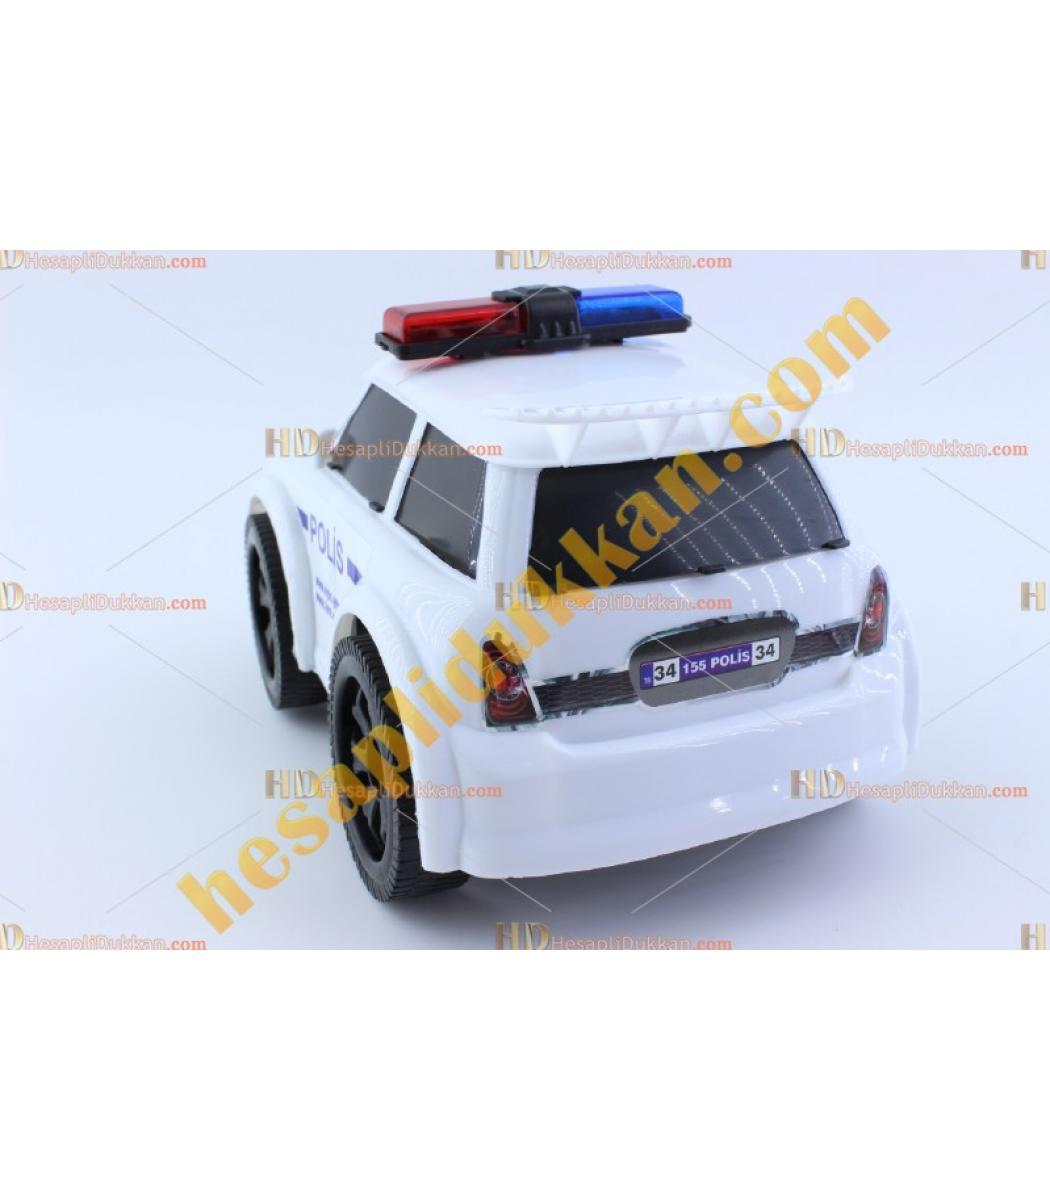 Toptan Ucuz Oyuncak Polis Araba Toyba8409